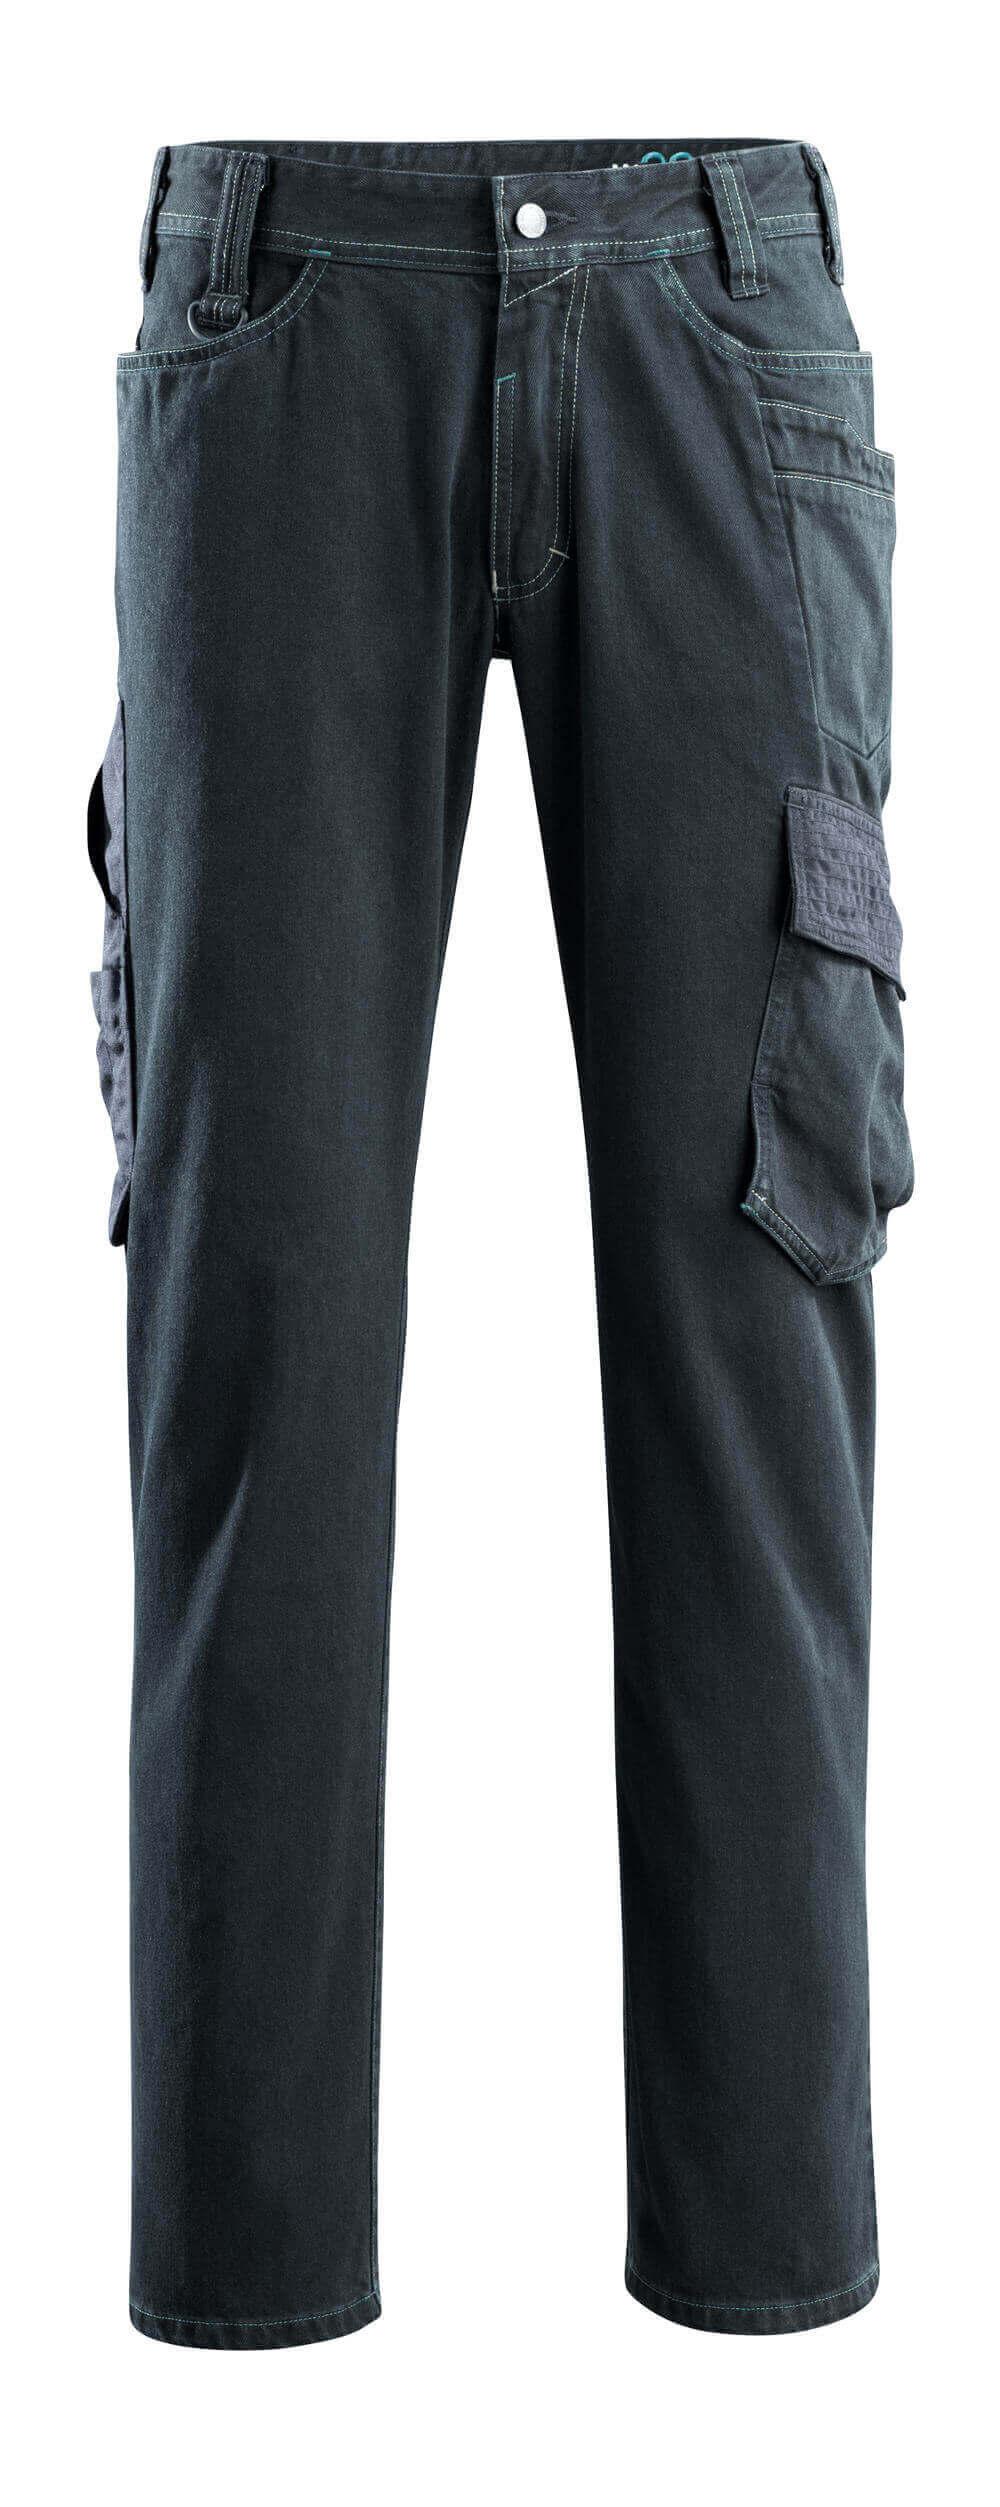 15279-207-86 Jeans with thigh pockets - dark blue denim